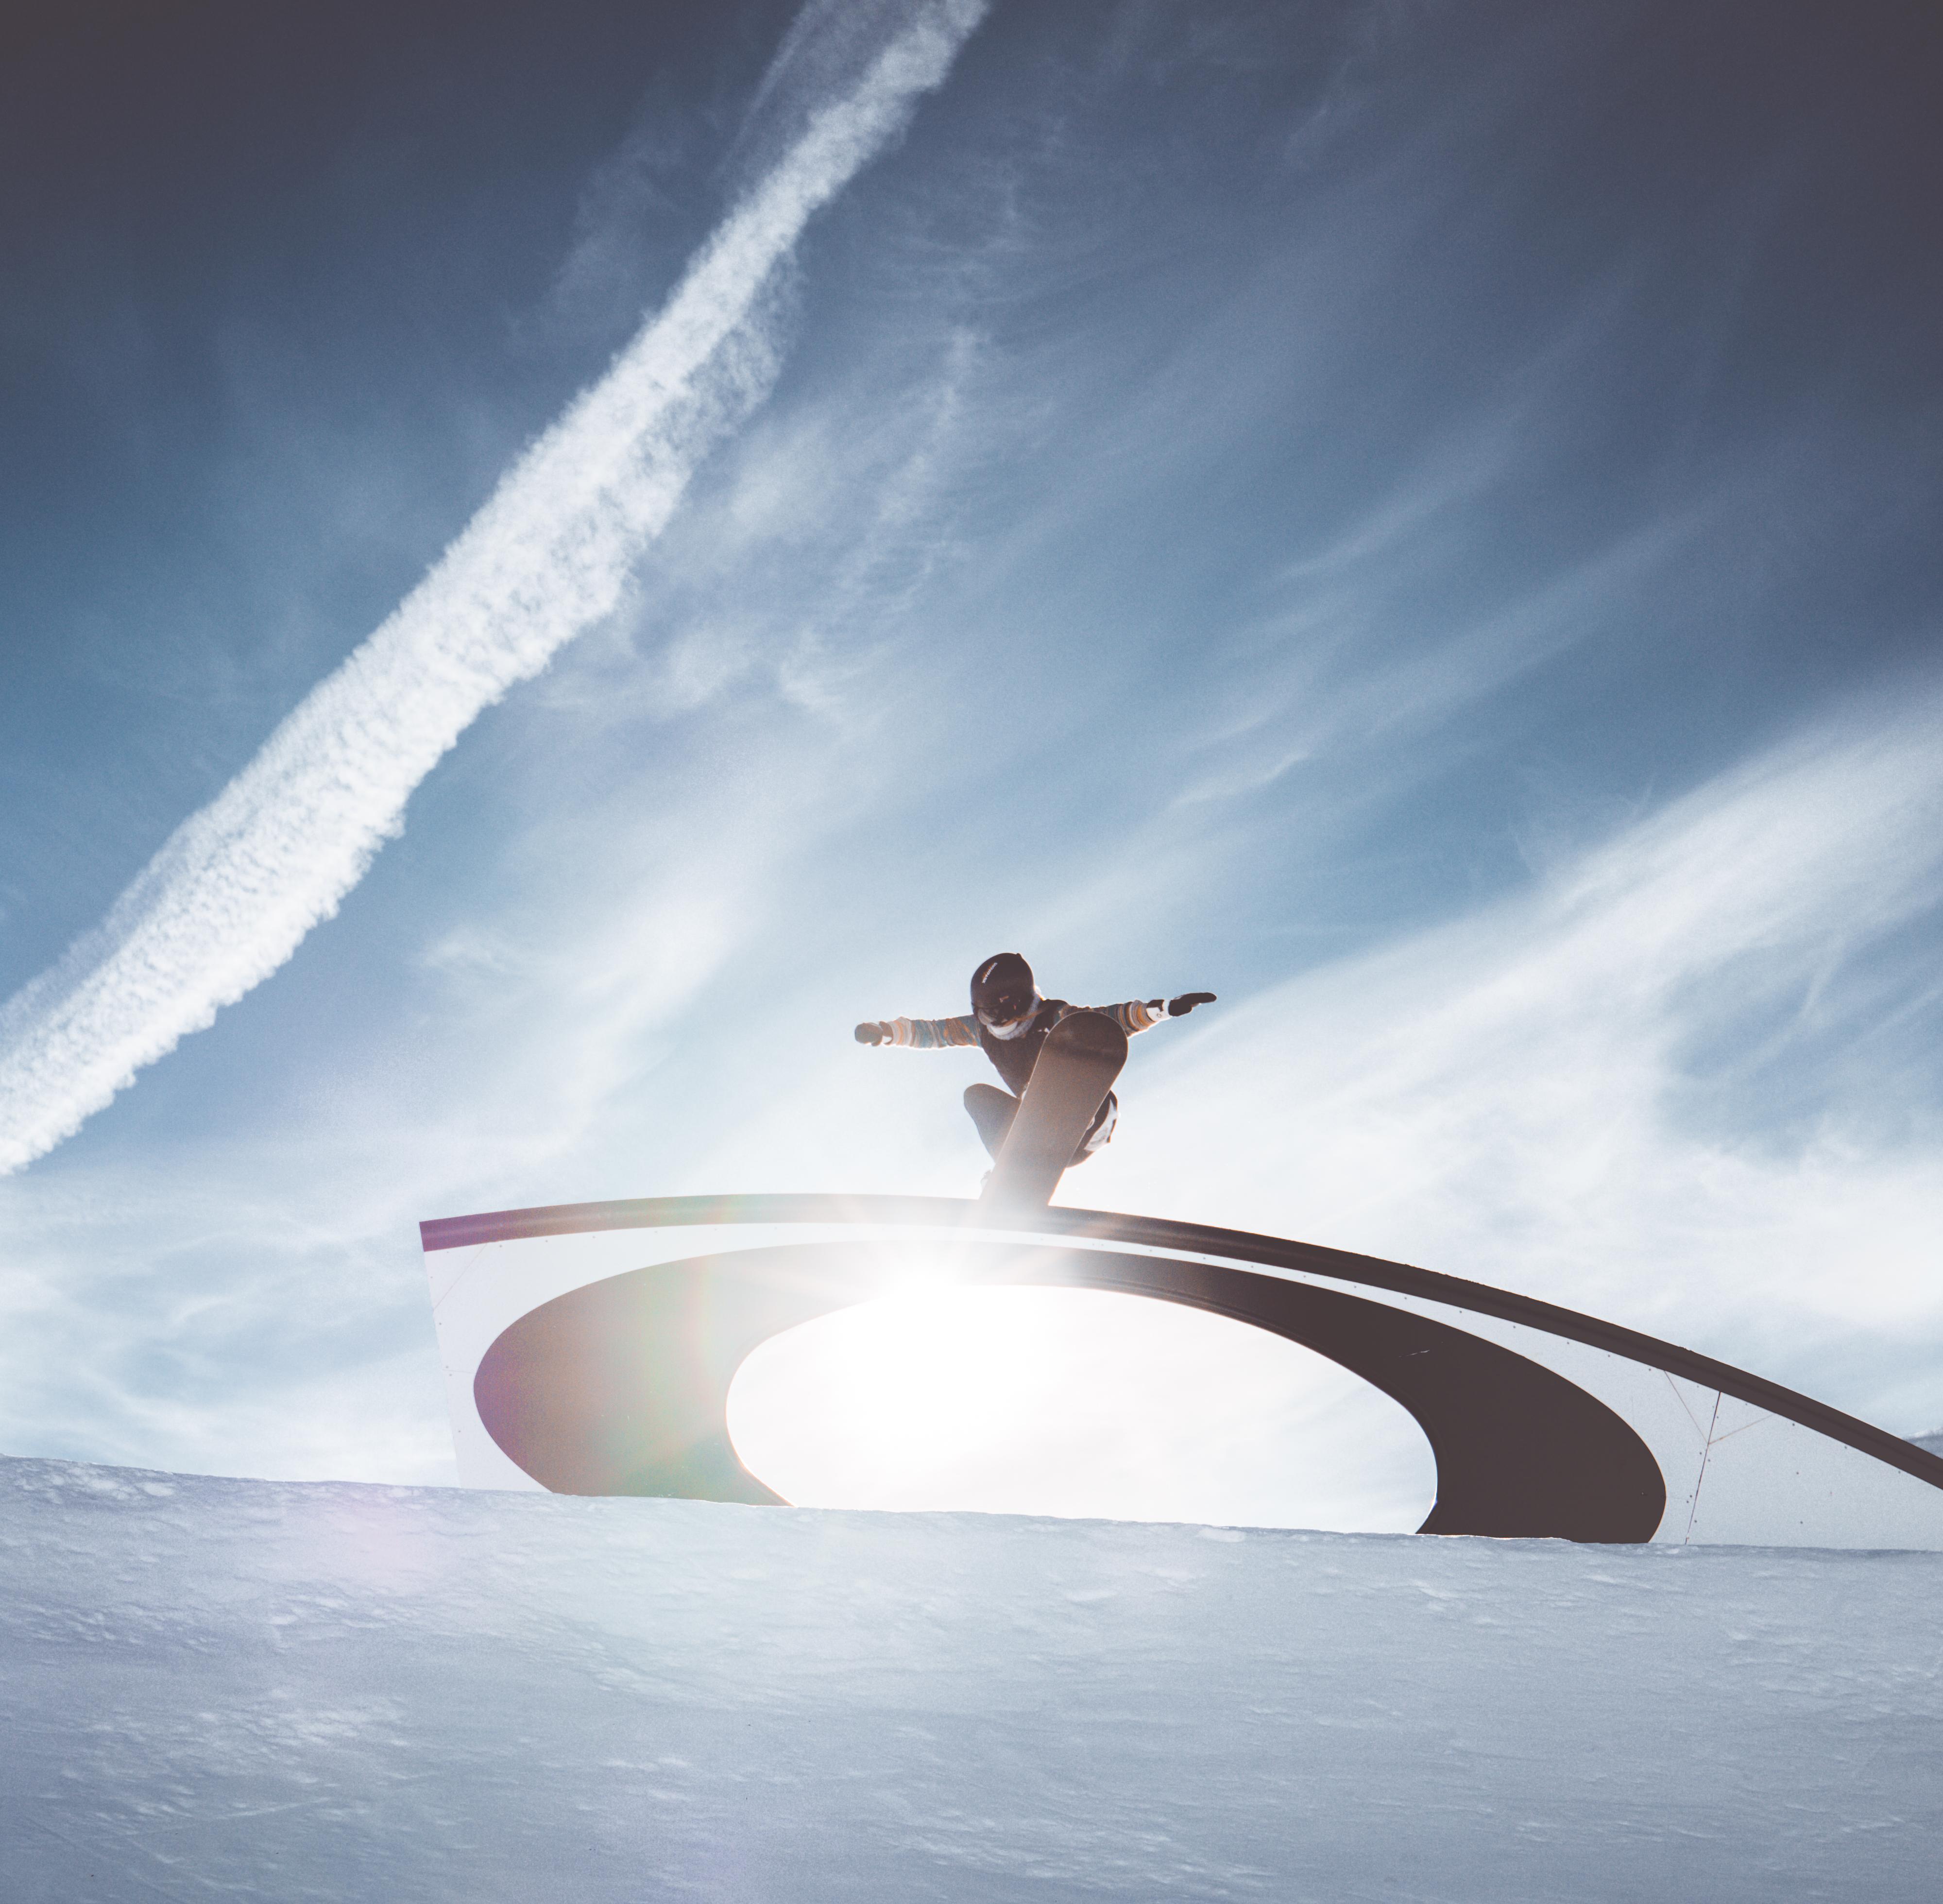 Evoluzioni con lo snowboard a Livigno